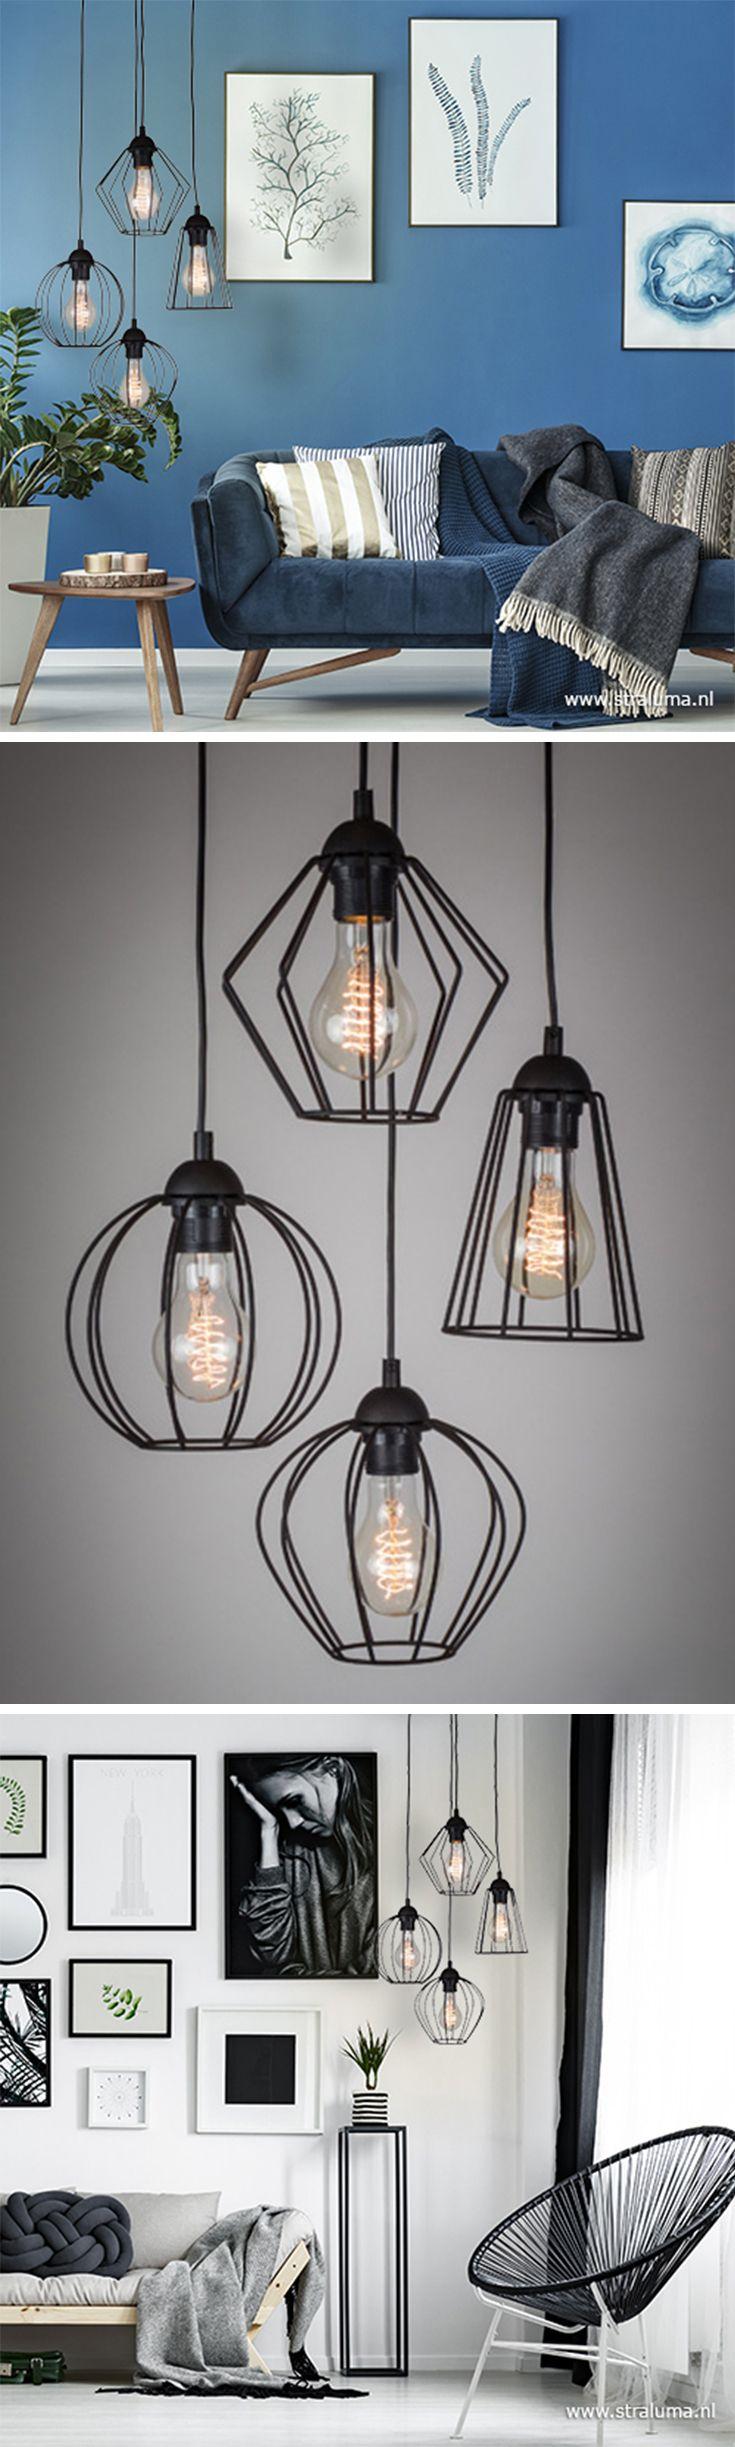 Wat Een Leuke Draadhanglamp Helemaal Volgens De Laatste Trends Leuk De Verschillende Kapjes En Ve Thuis Woonkamer Lampen Woonkamer Ideeen Voor Thuisdecoratie